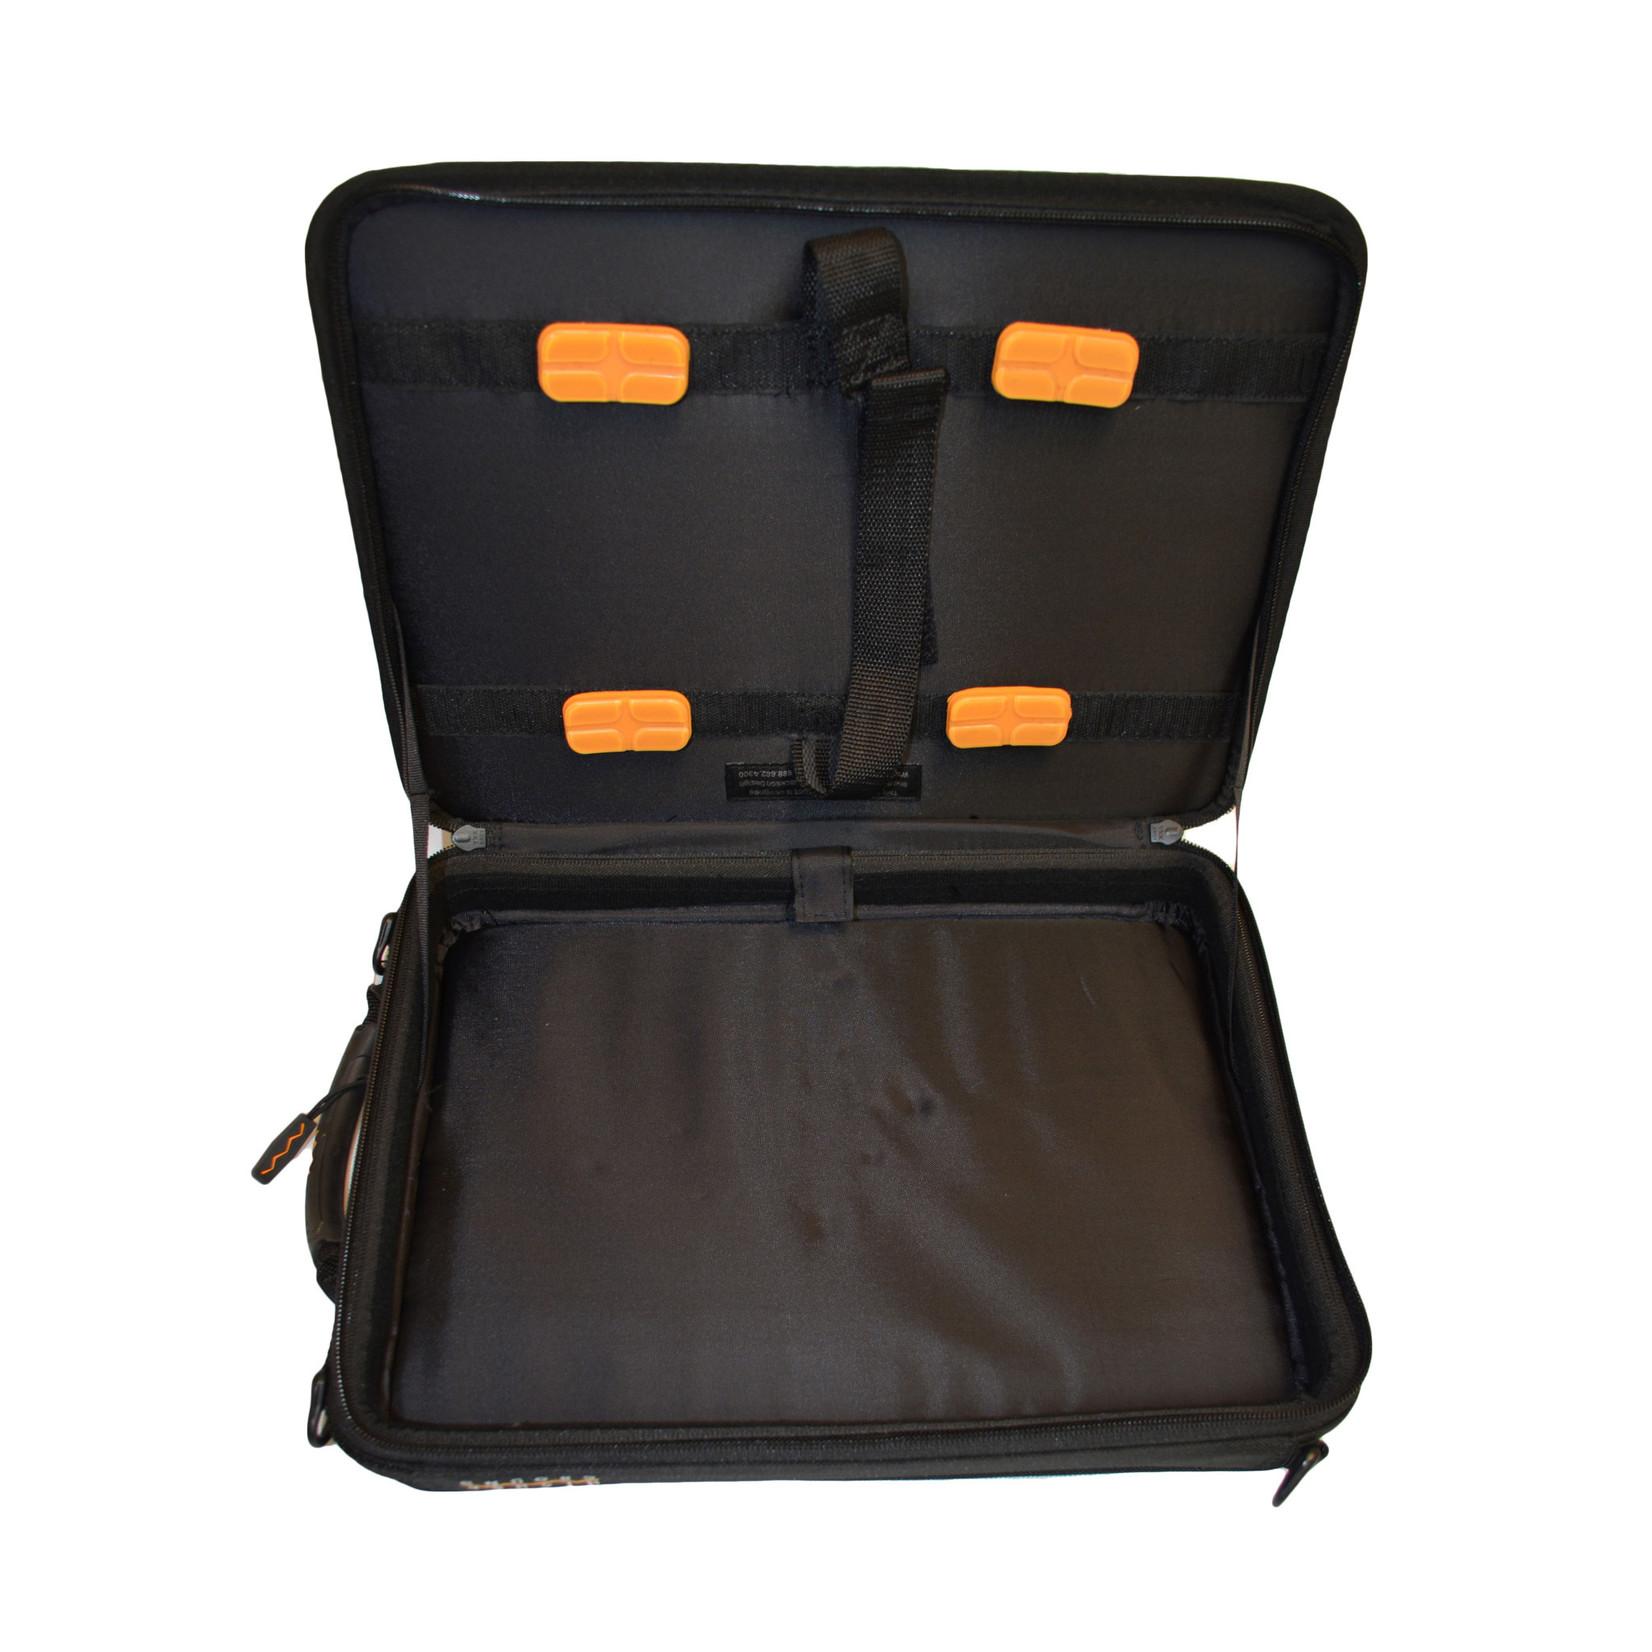 Higher Ground Black Laptop Bag - Shuttle 2.0